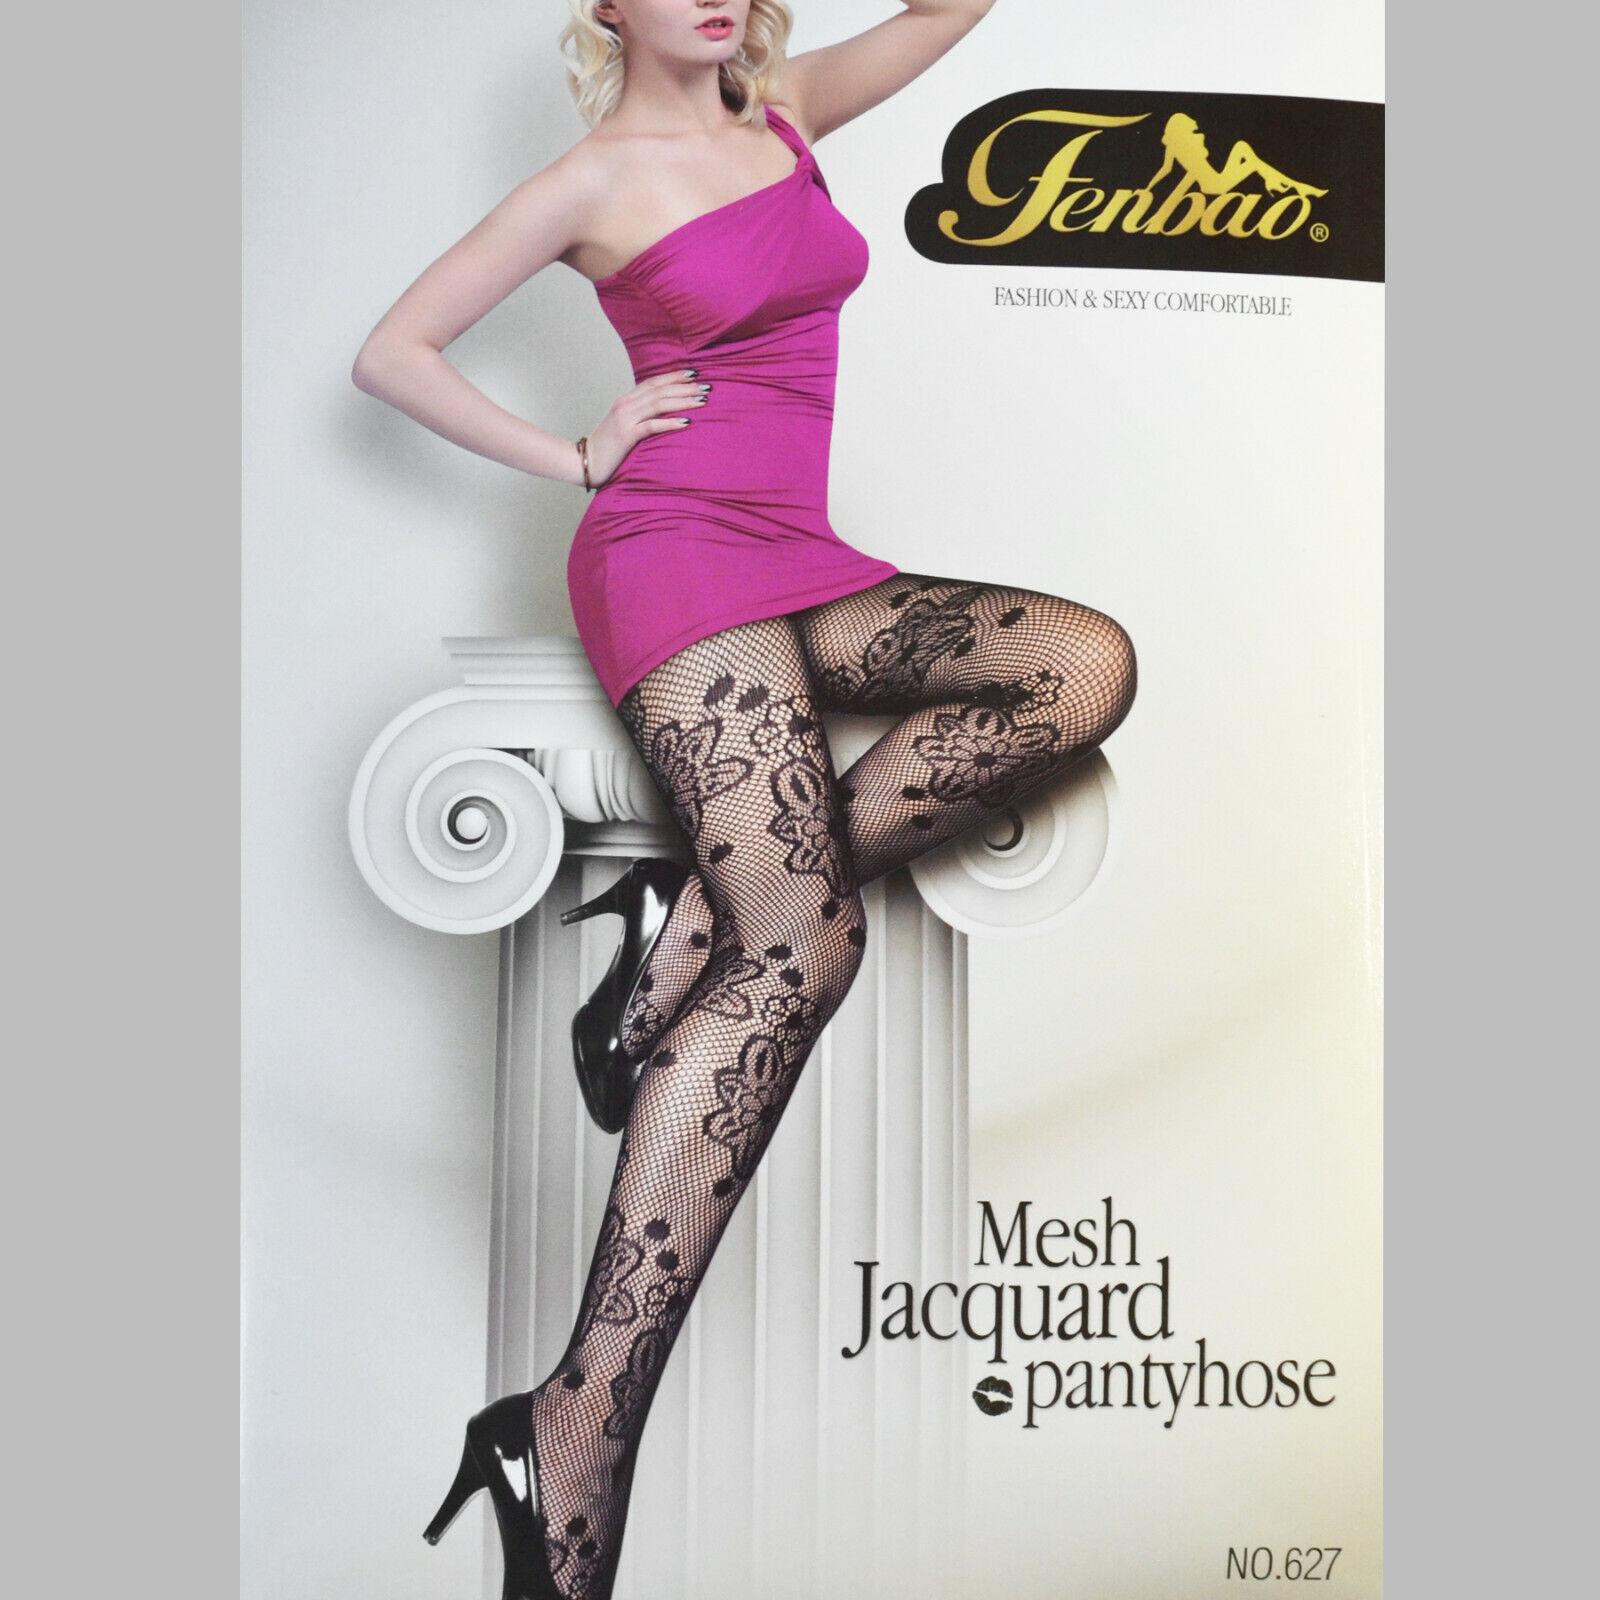 *BALUTESS* ,Mädchen,Damen Strumpfhosen in schwarz,verschiedene Modelle,Pantyhose